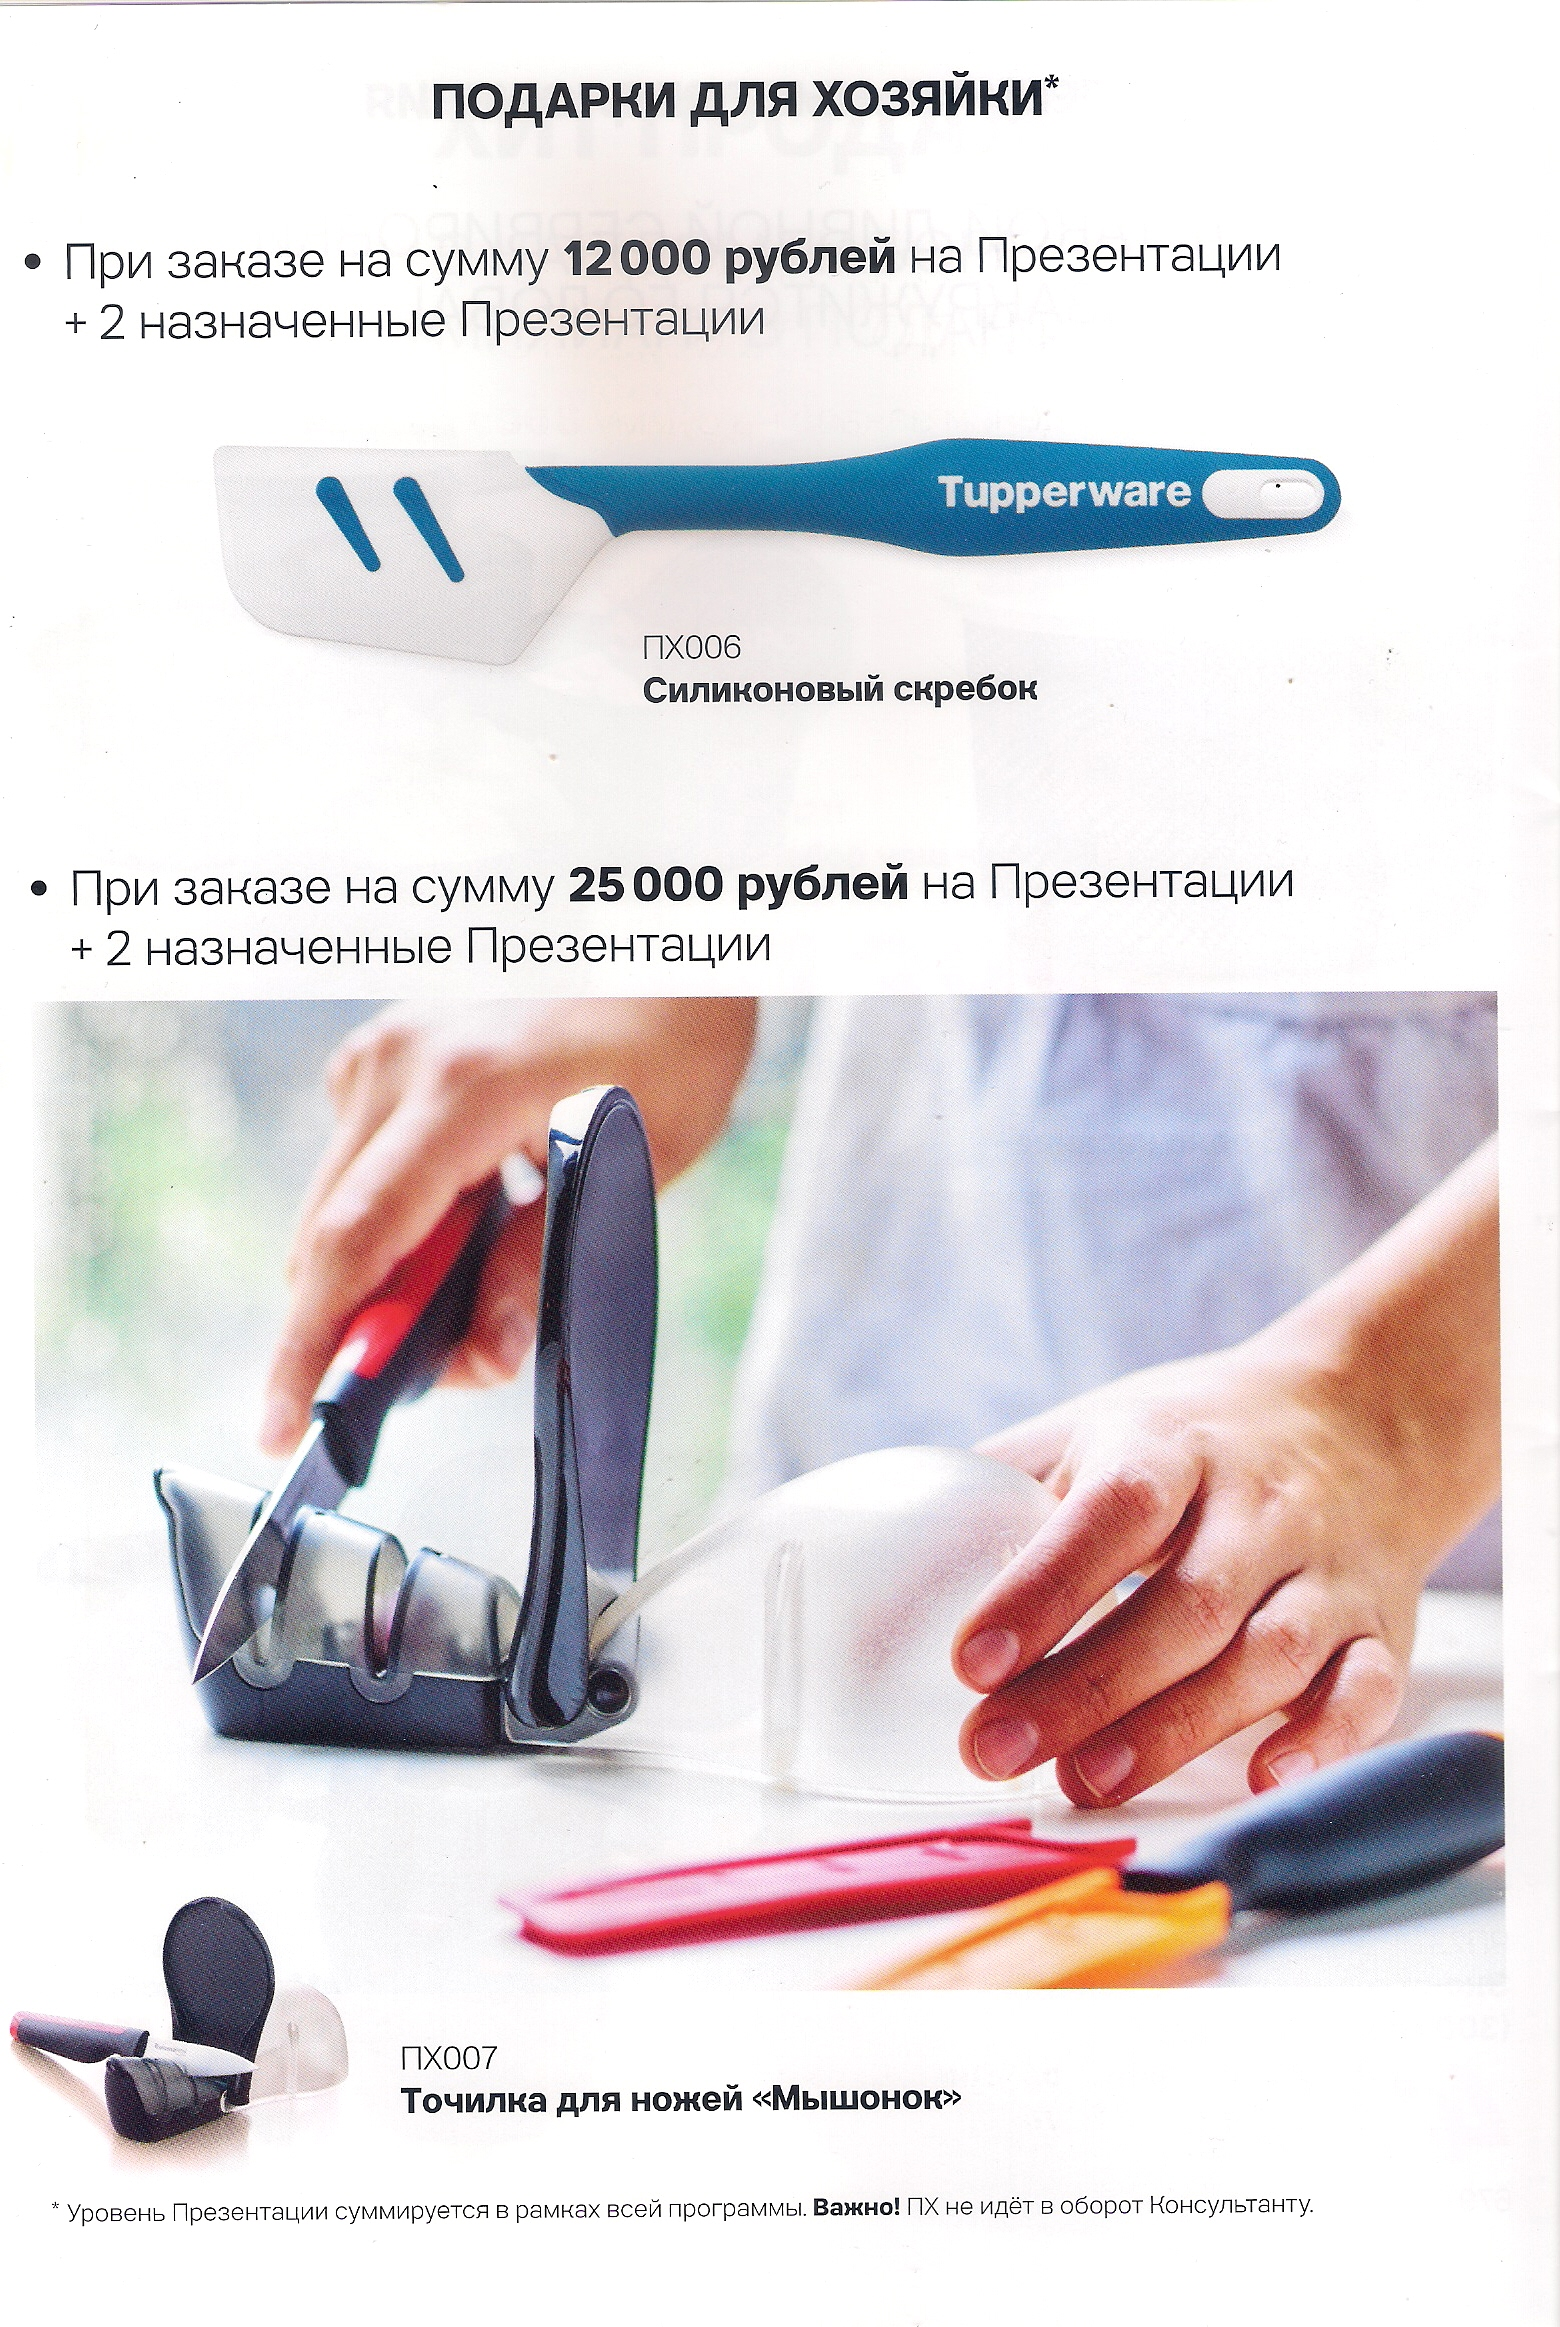 https://tupperware-online.ru/images/upload/22n.jpg